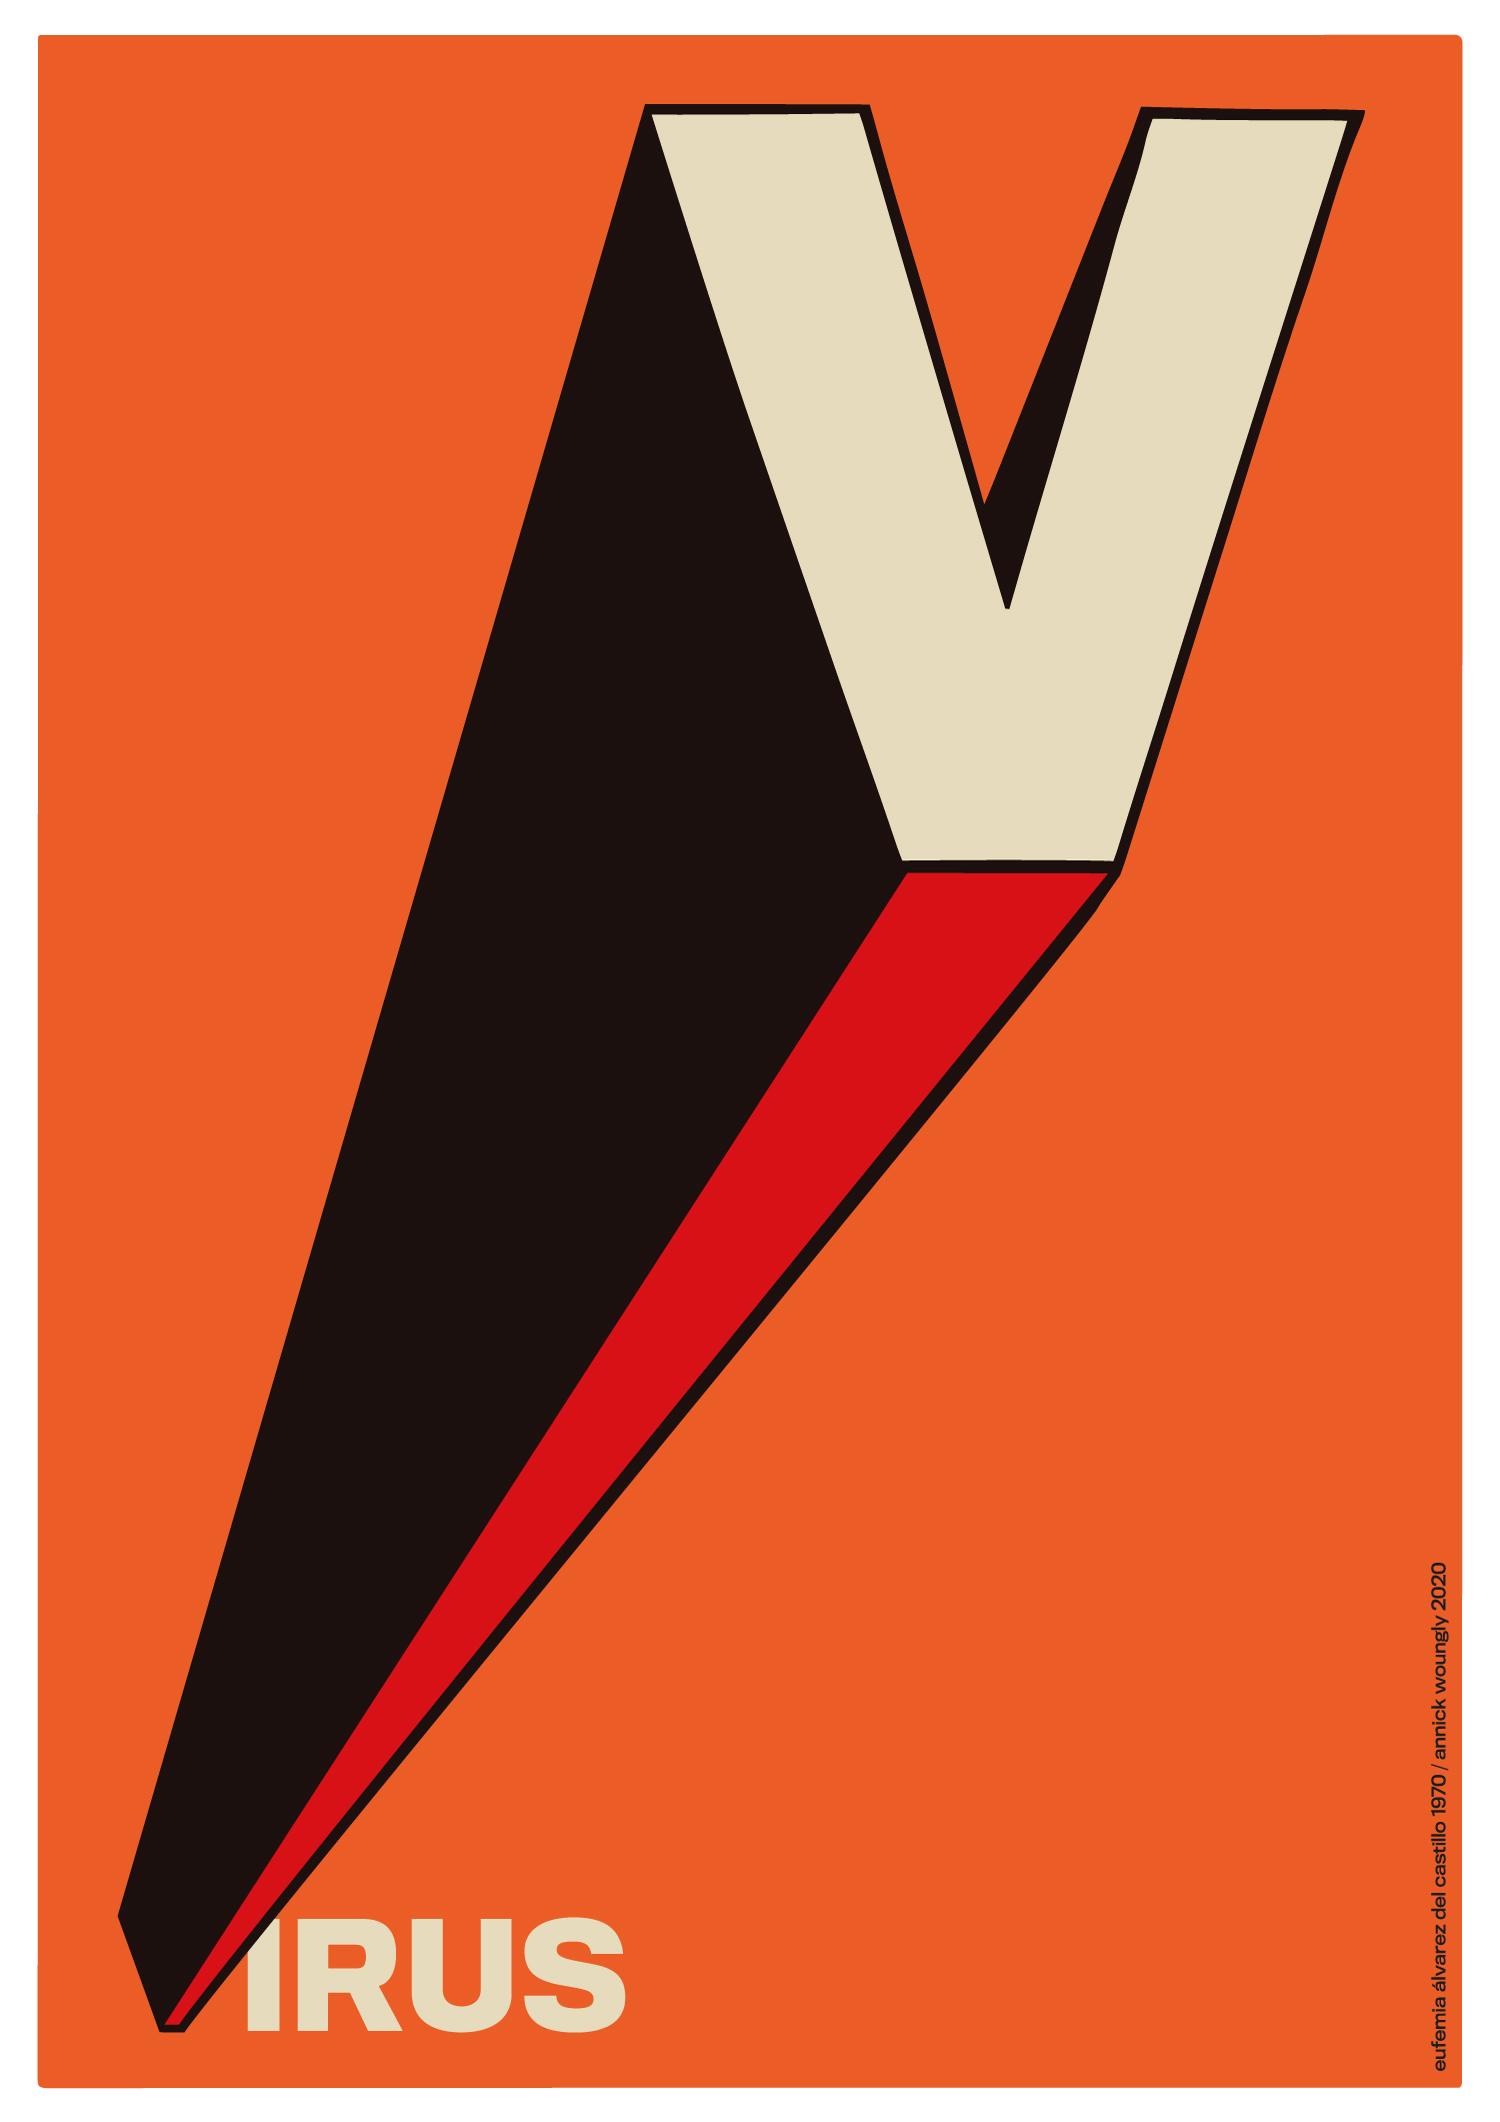 El cartel cubano en los tiempos del coronavirus. Revés. Eufemia Alvarez del Castillo 1970.